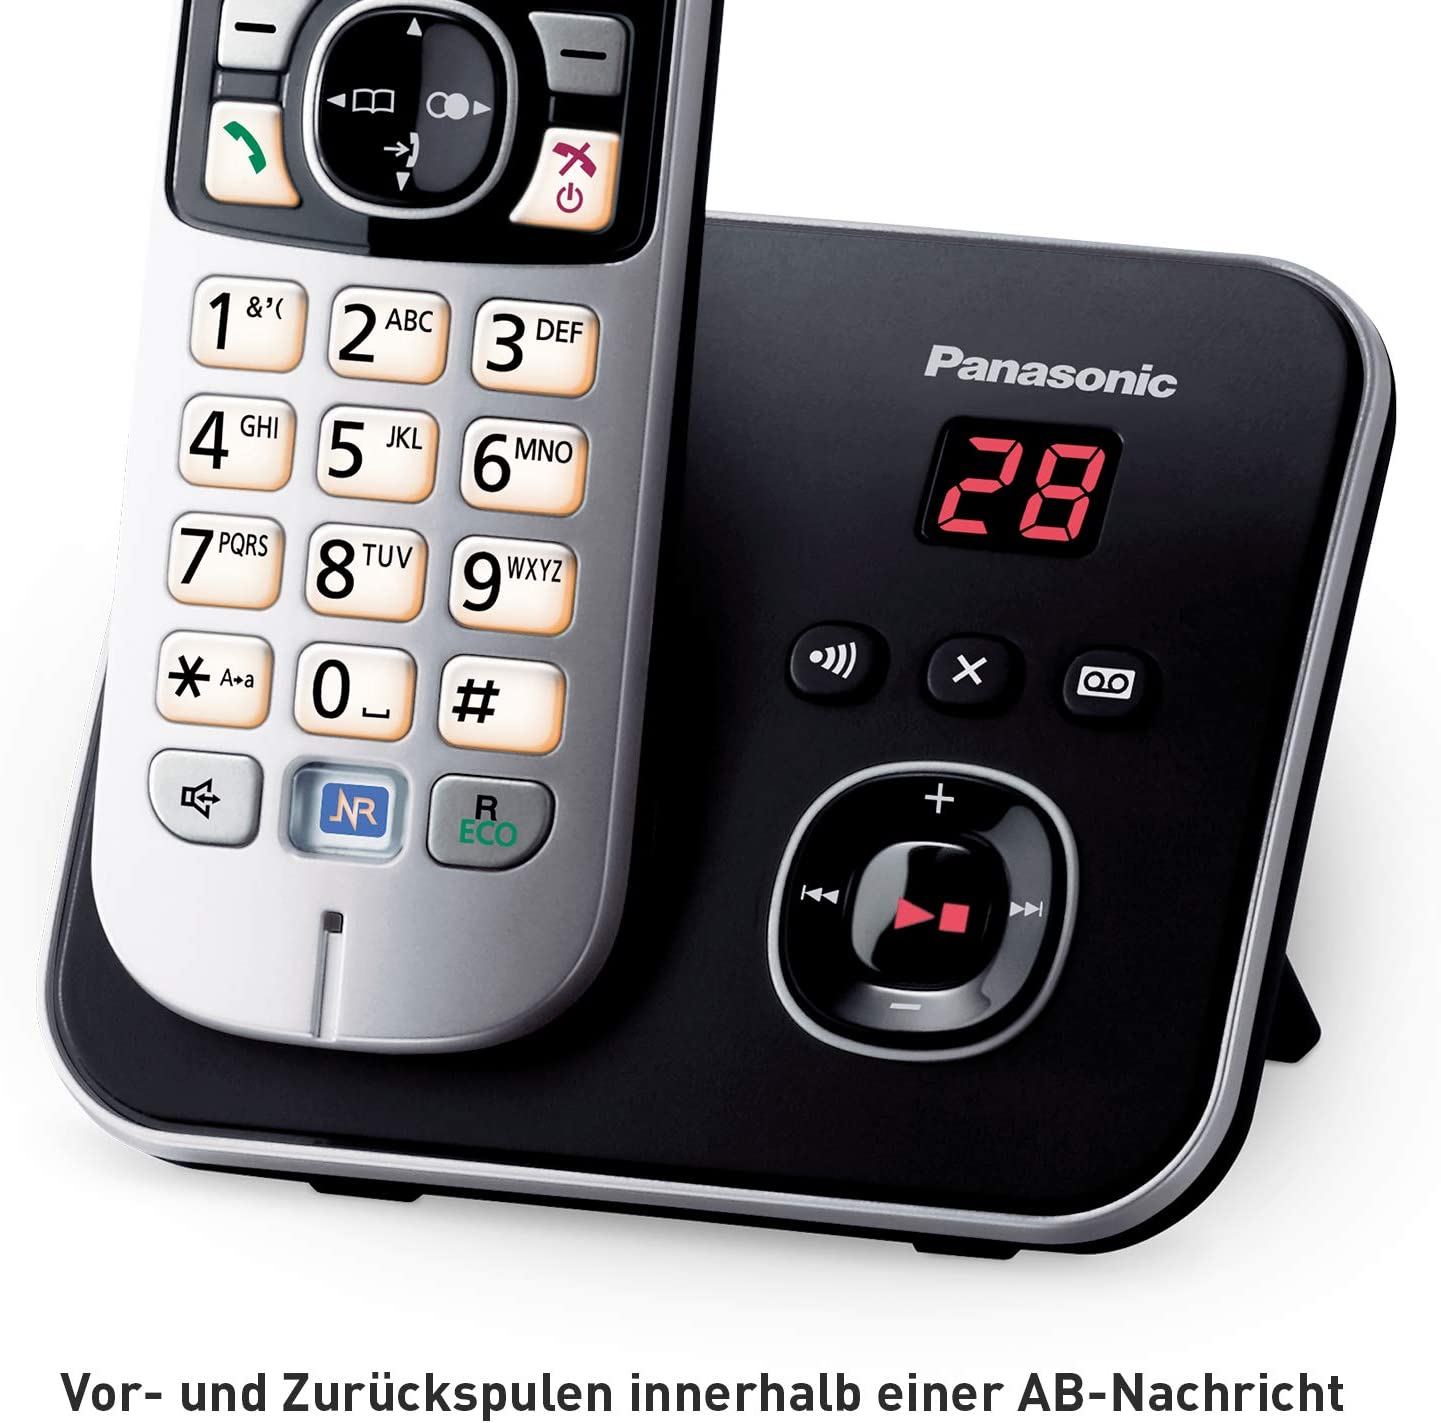 Panasonic Kx Tg6823gb Dect Schnurlostelefon Mit Elektronik